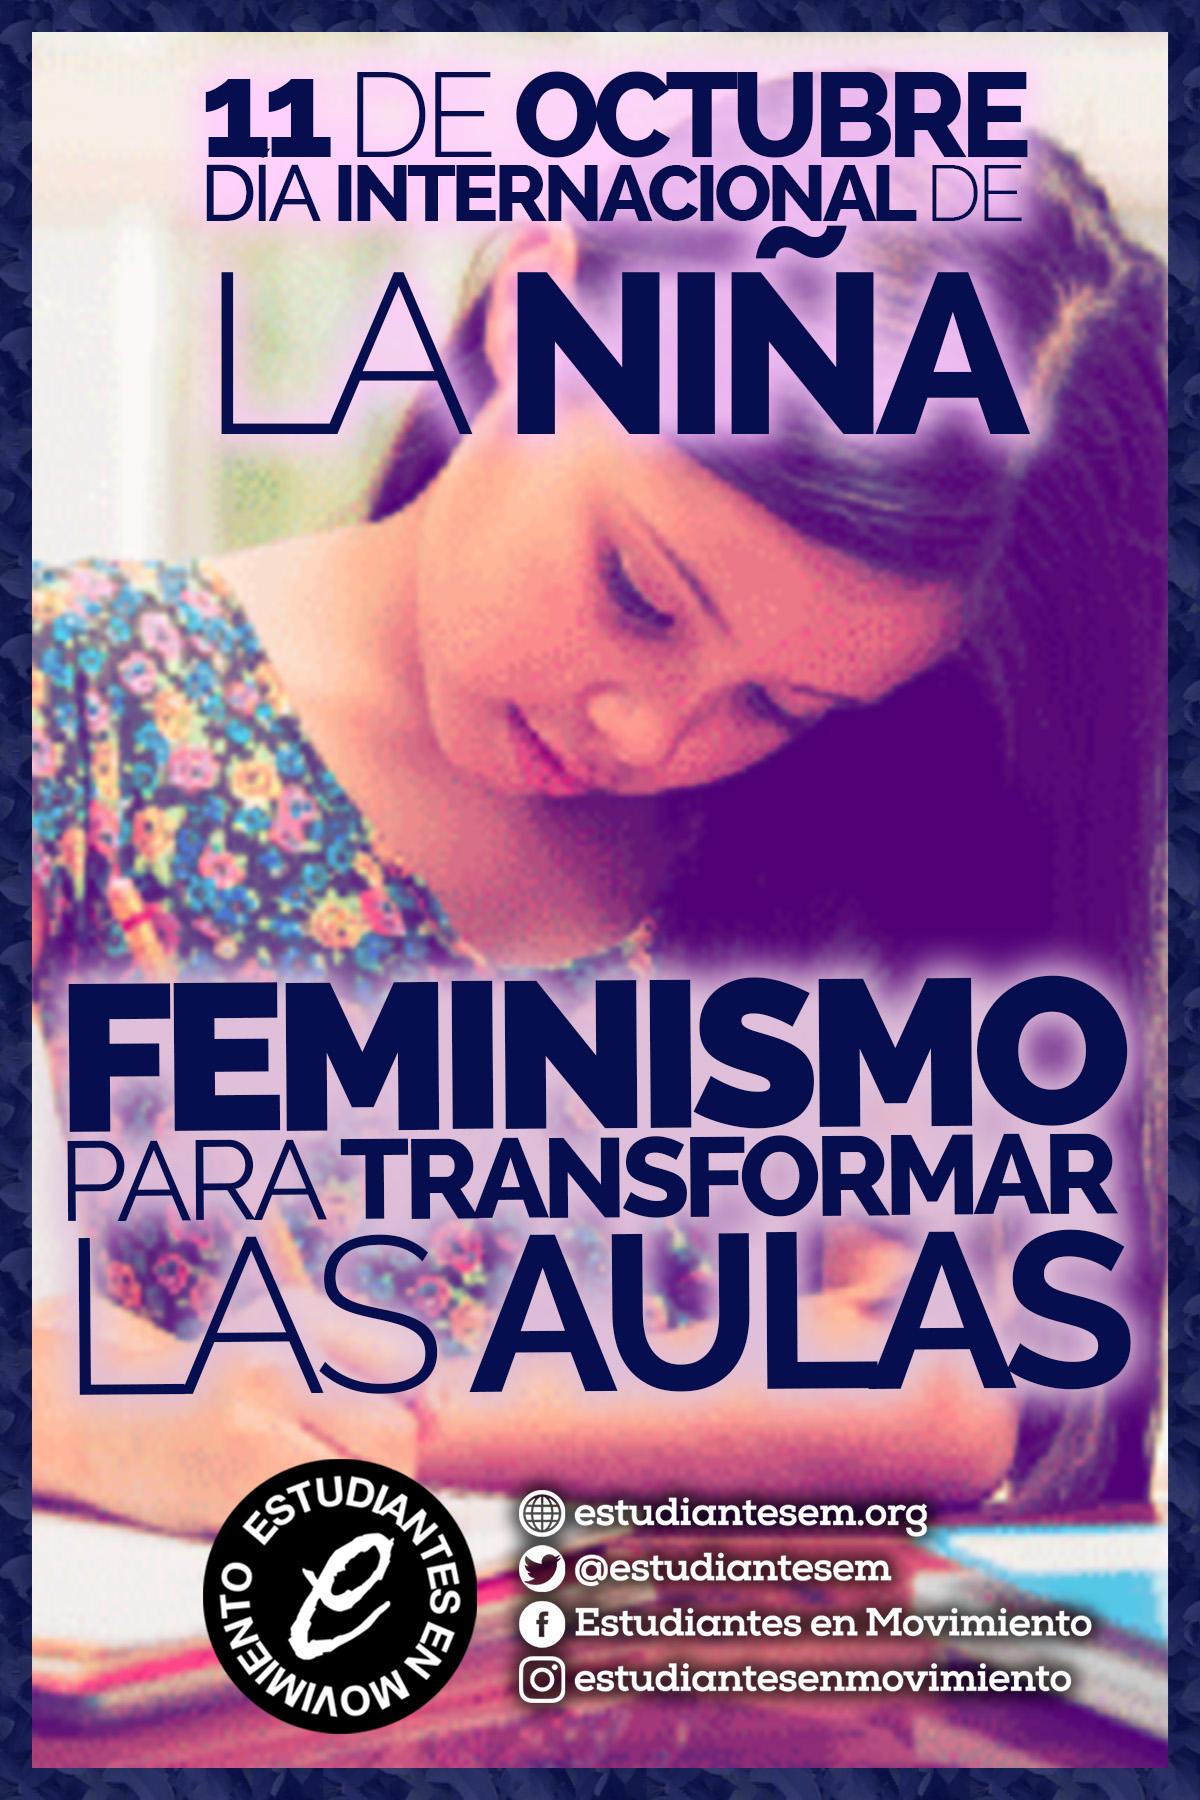 Cartel de Estudiantes en Movimiento para el Día Internacional de la Niña